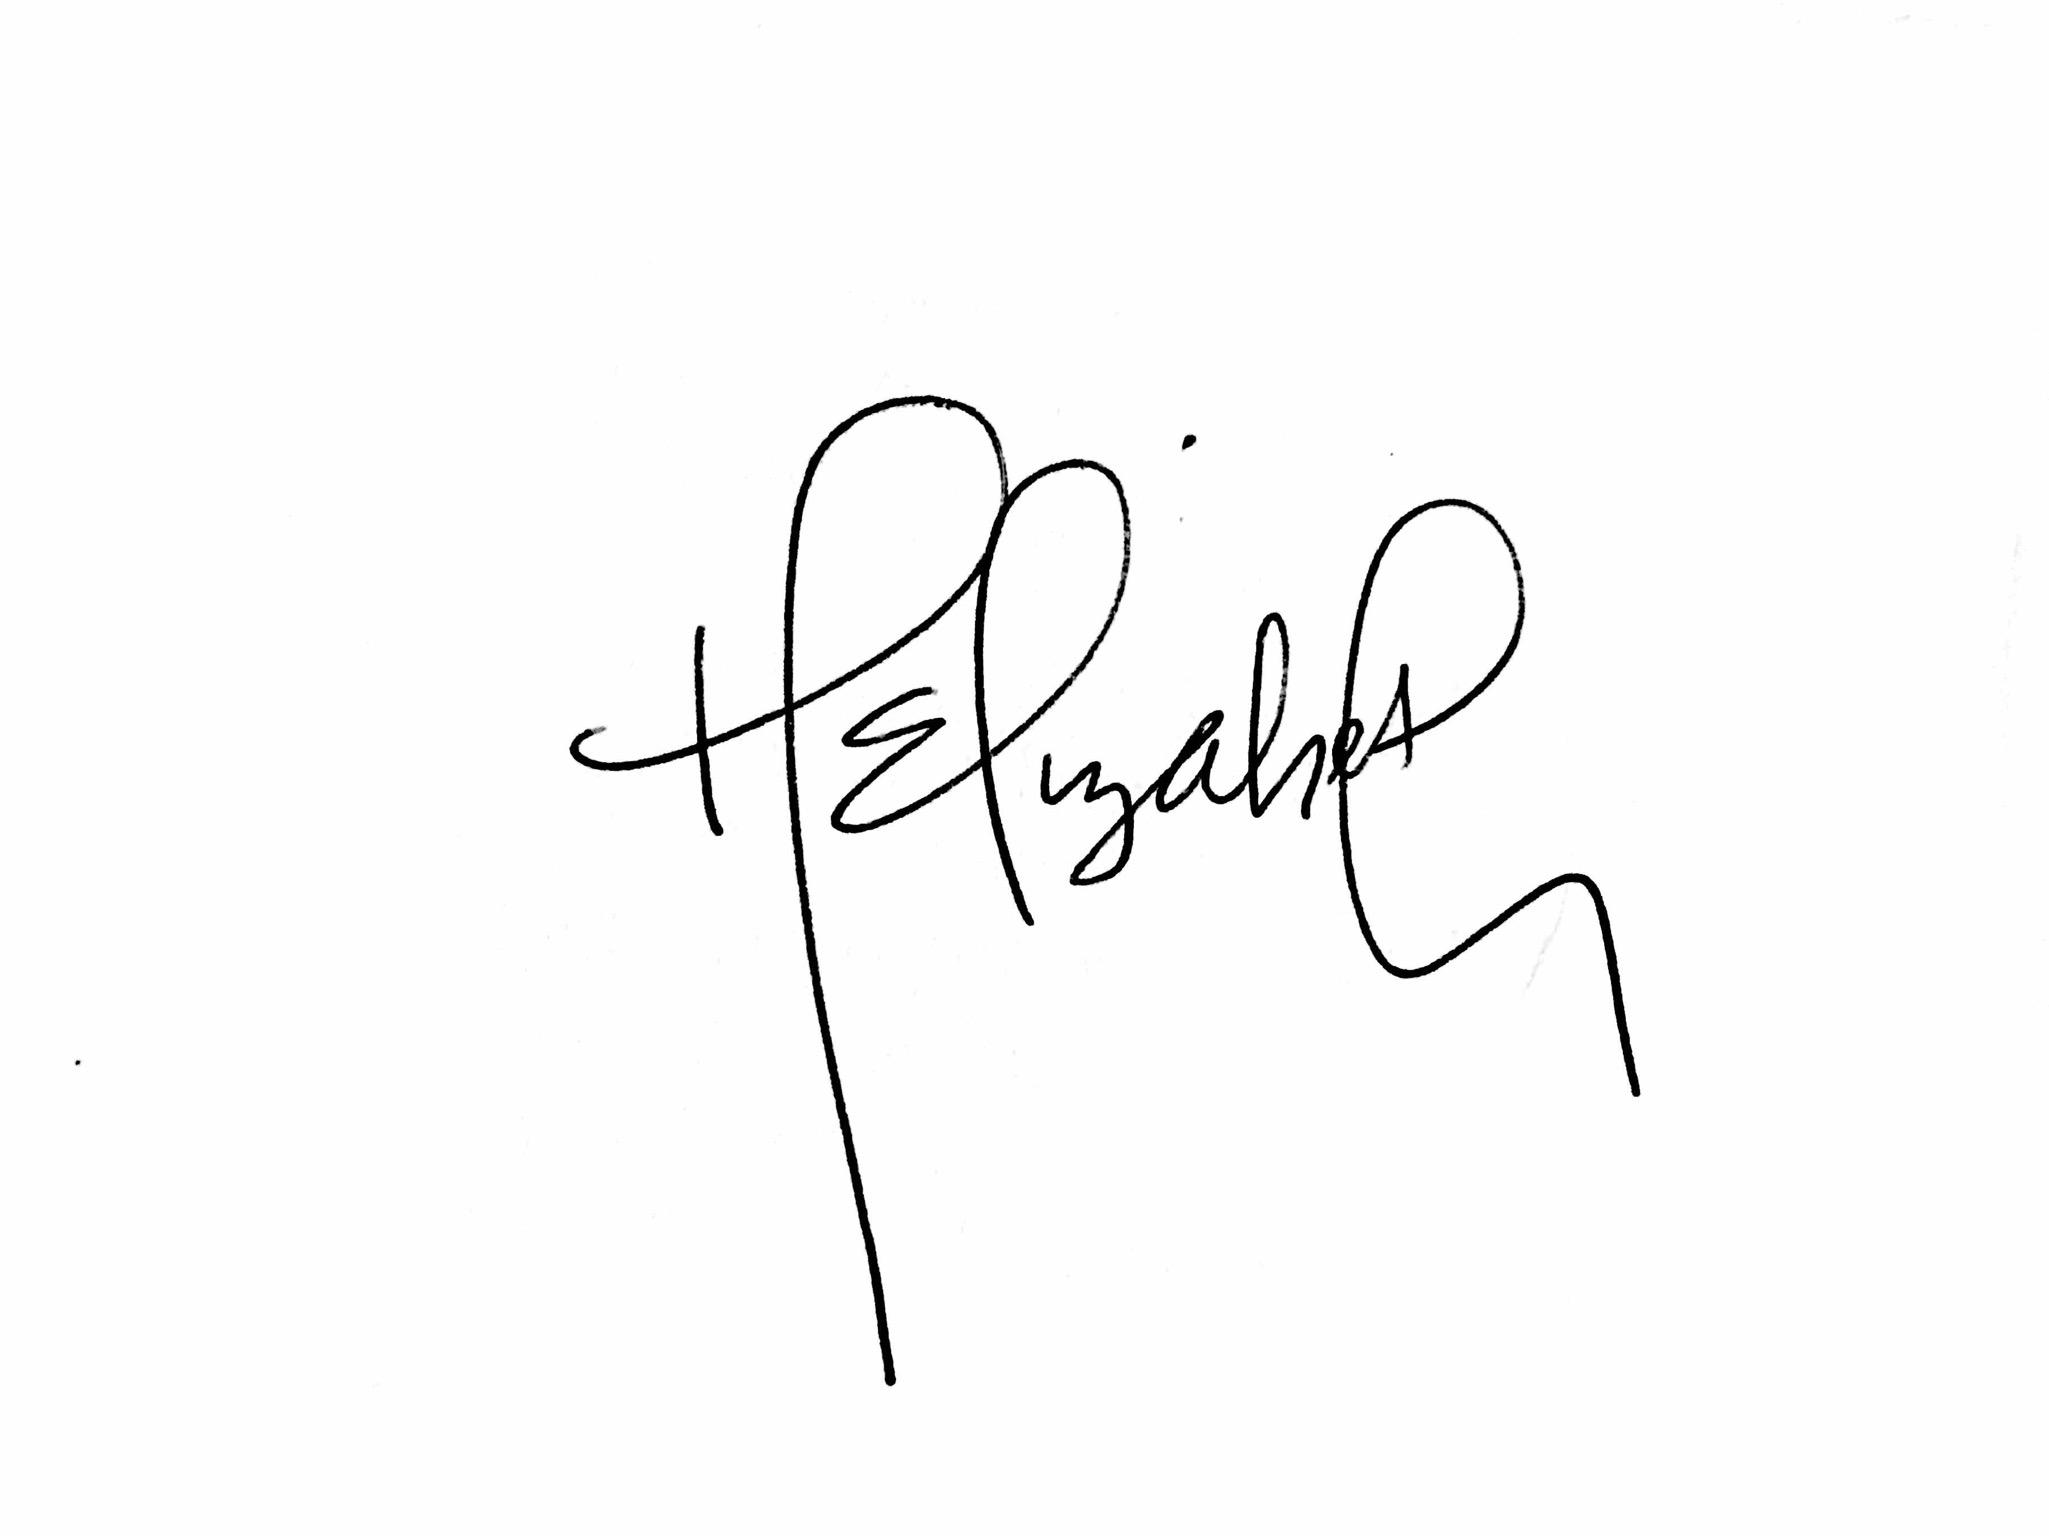 Hannah Seaman's Signature